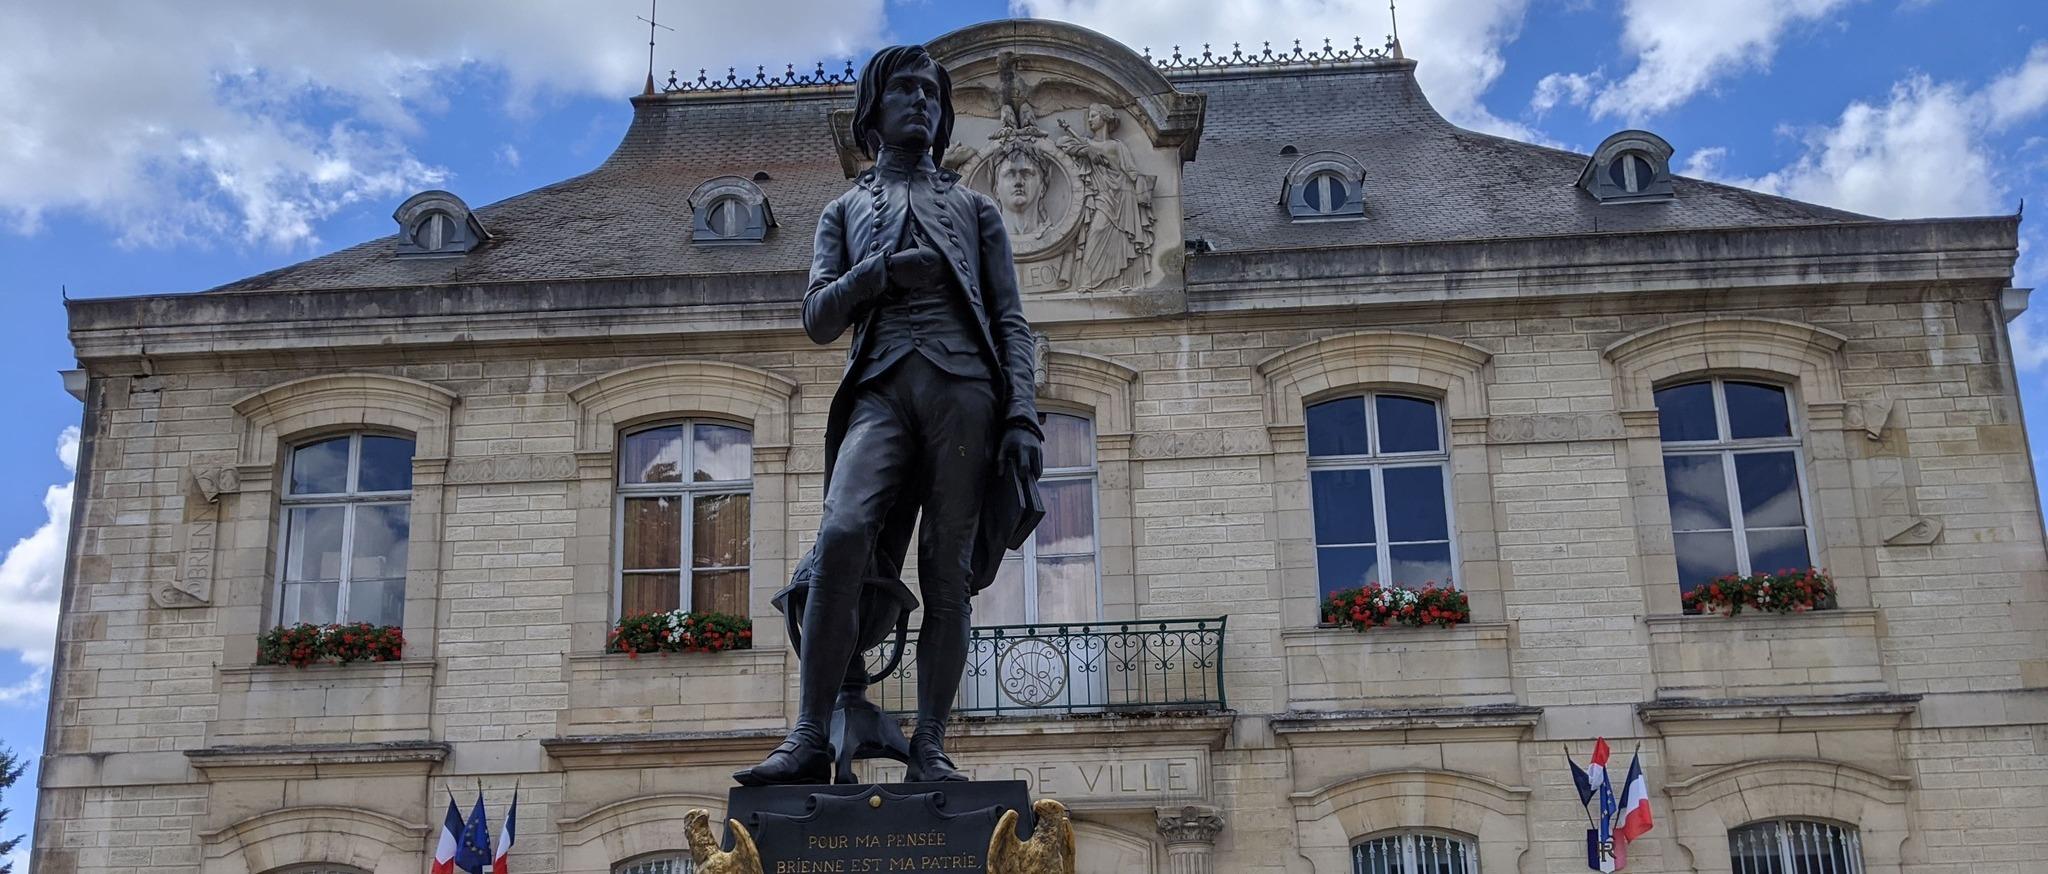 Grands Lacs de Champagne - Hôtel de ville et statue ©A. Loison (11) (1) (1) (1)